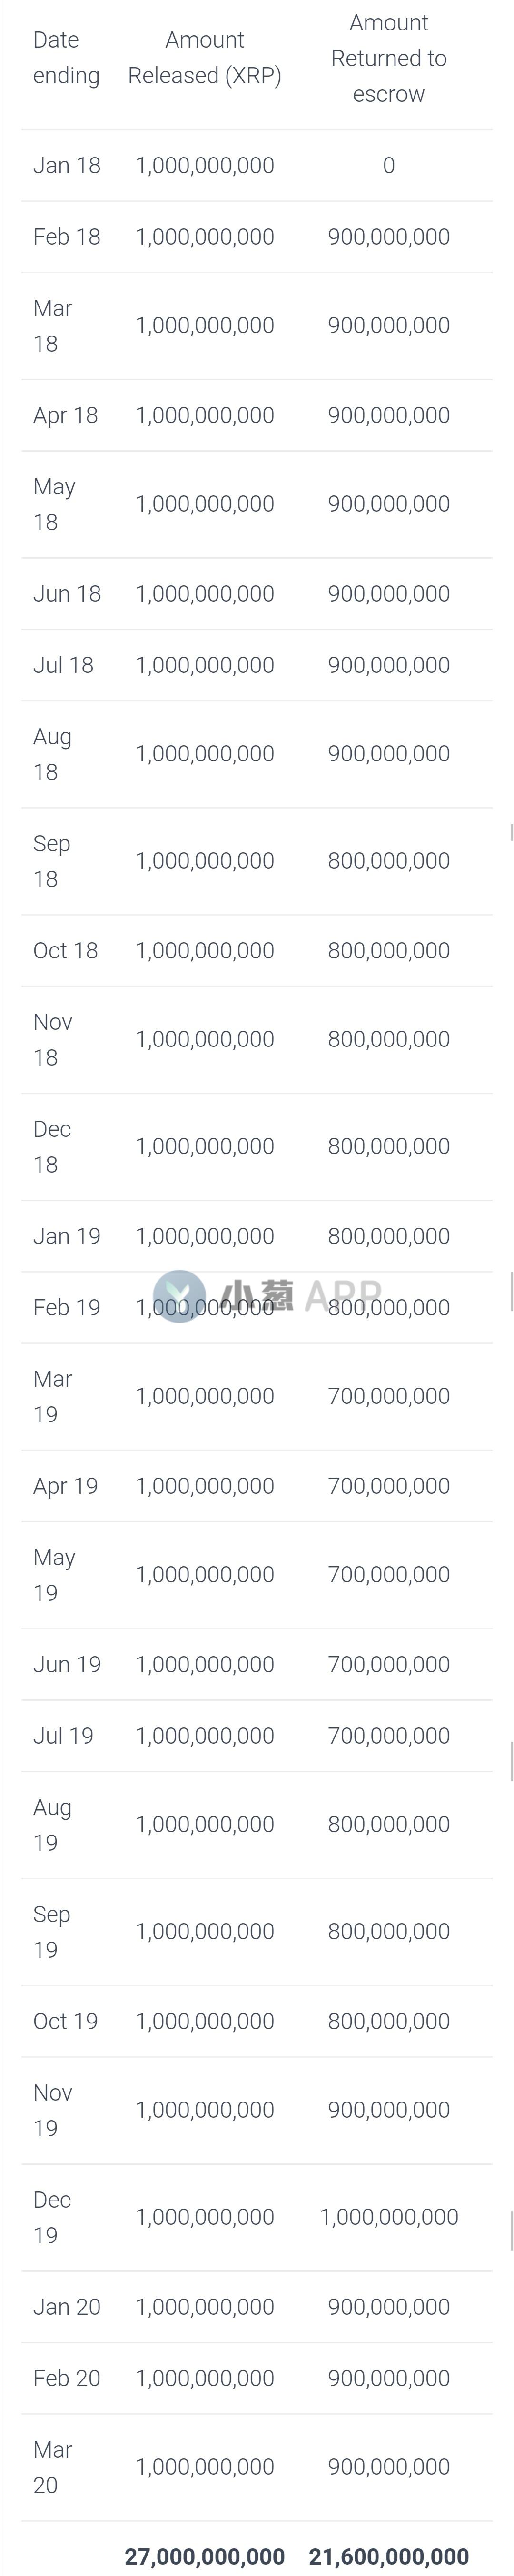 报告:Ripple在27个月内出售54亿枚XRP